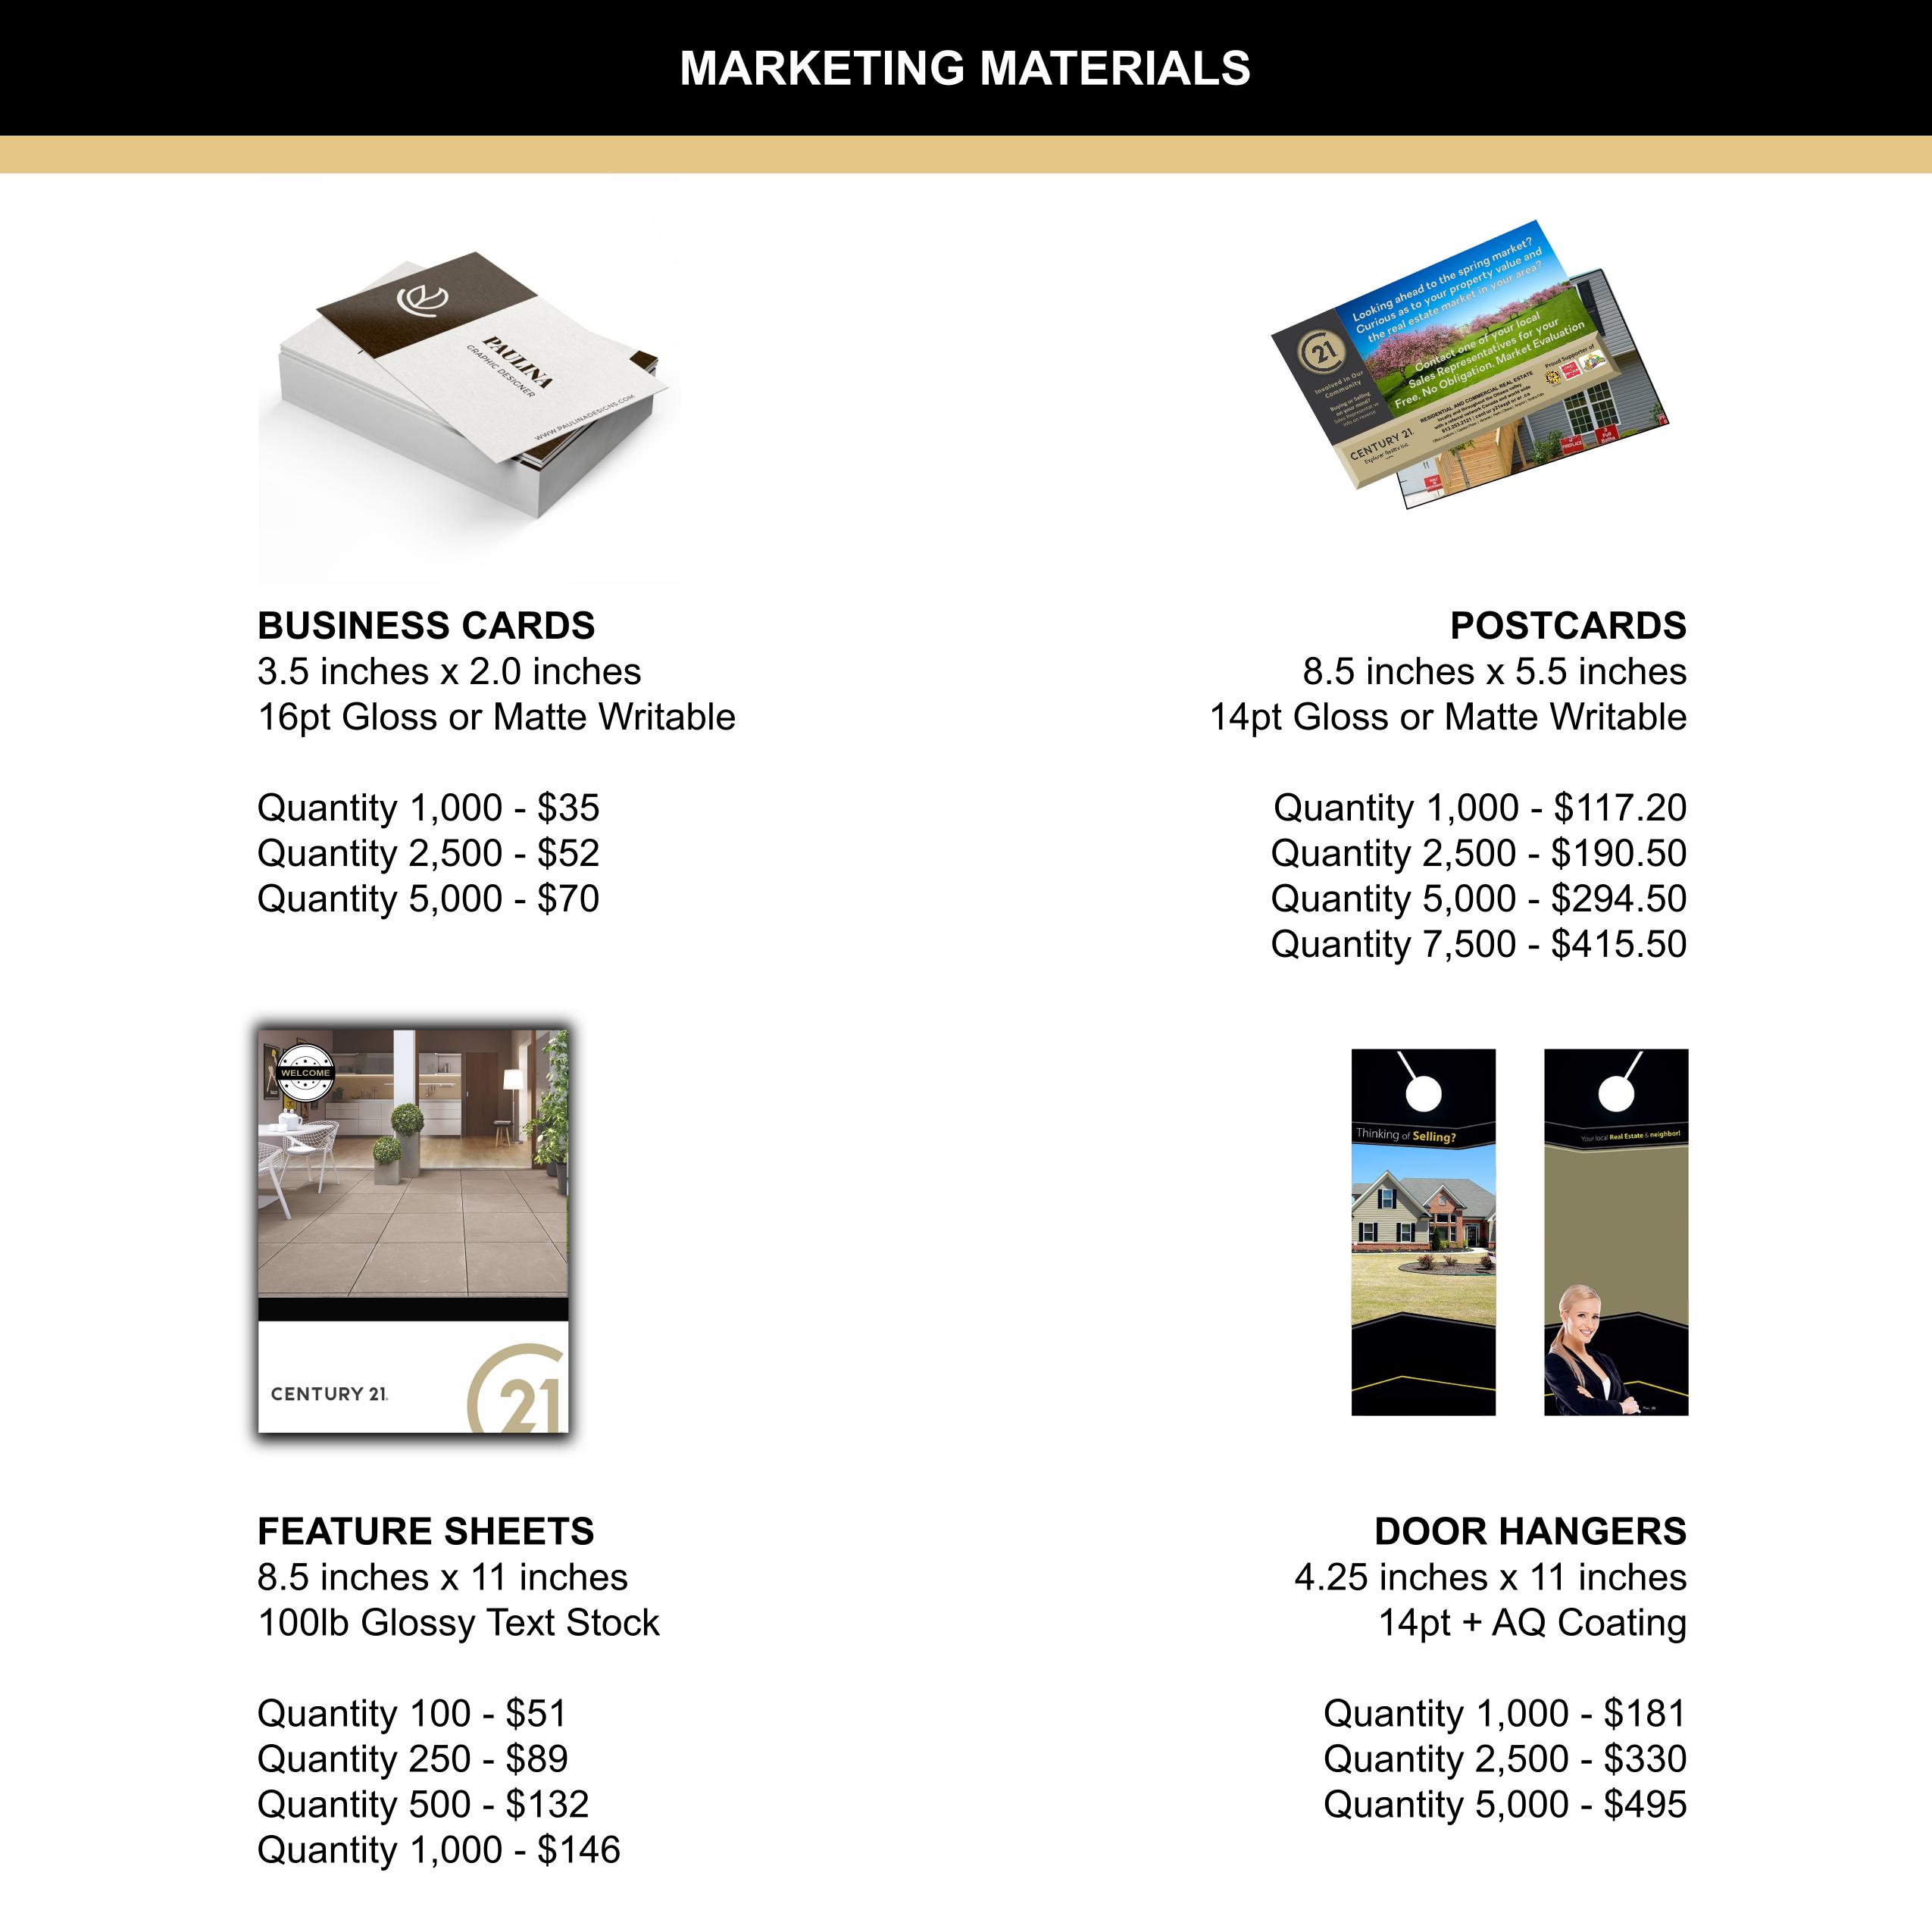 Marketing Materials Pg 2